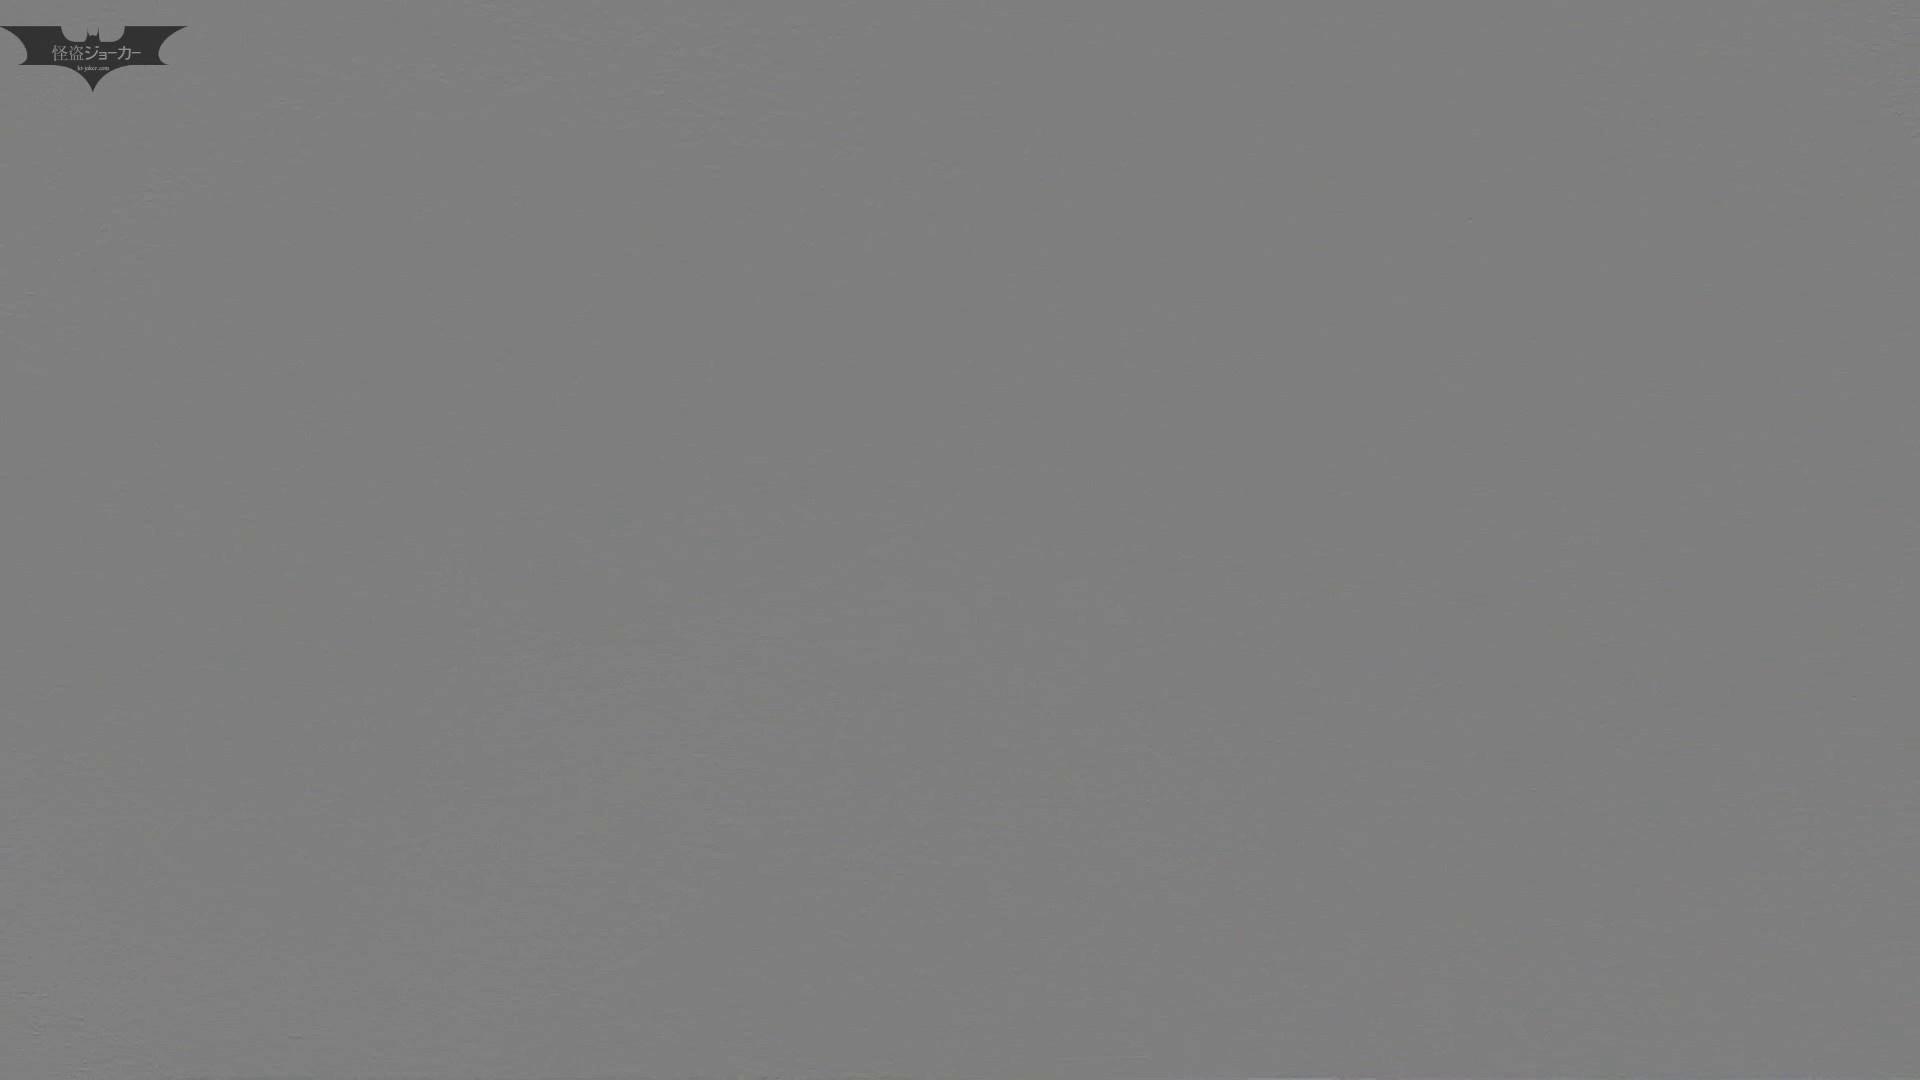 お銀さん vol.59 ピンチ!!「鏡の前で祈る女性」にばれる危機 洗面所着替え | OL  48連発 45